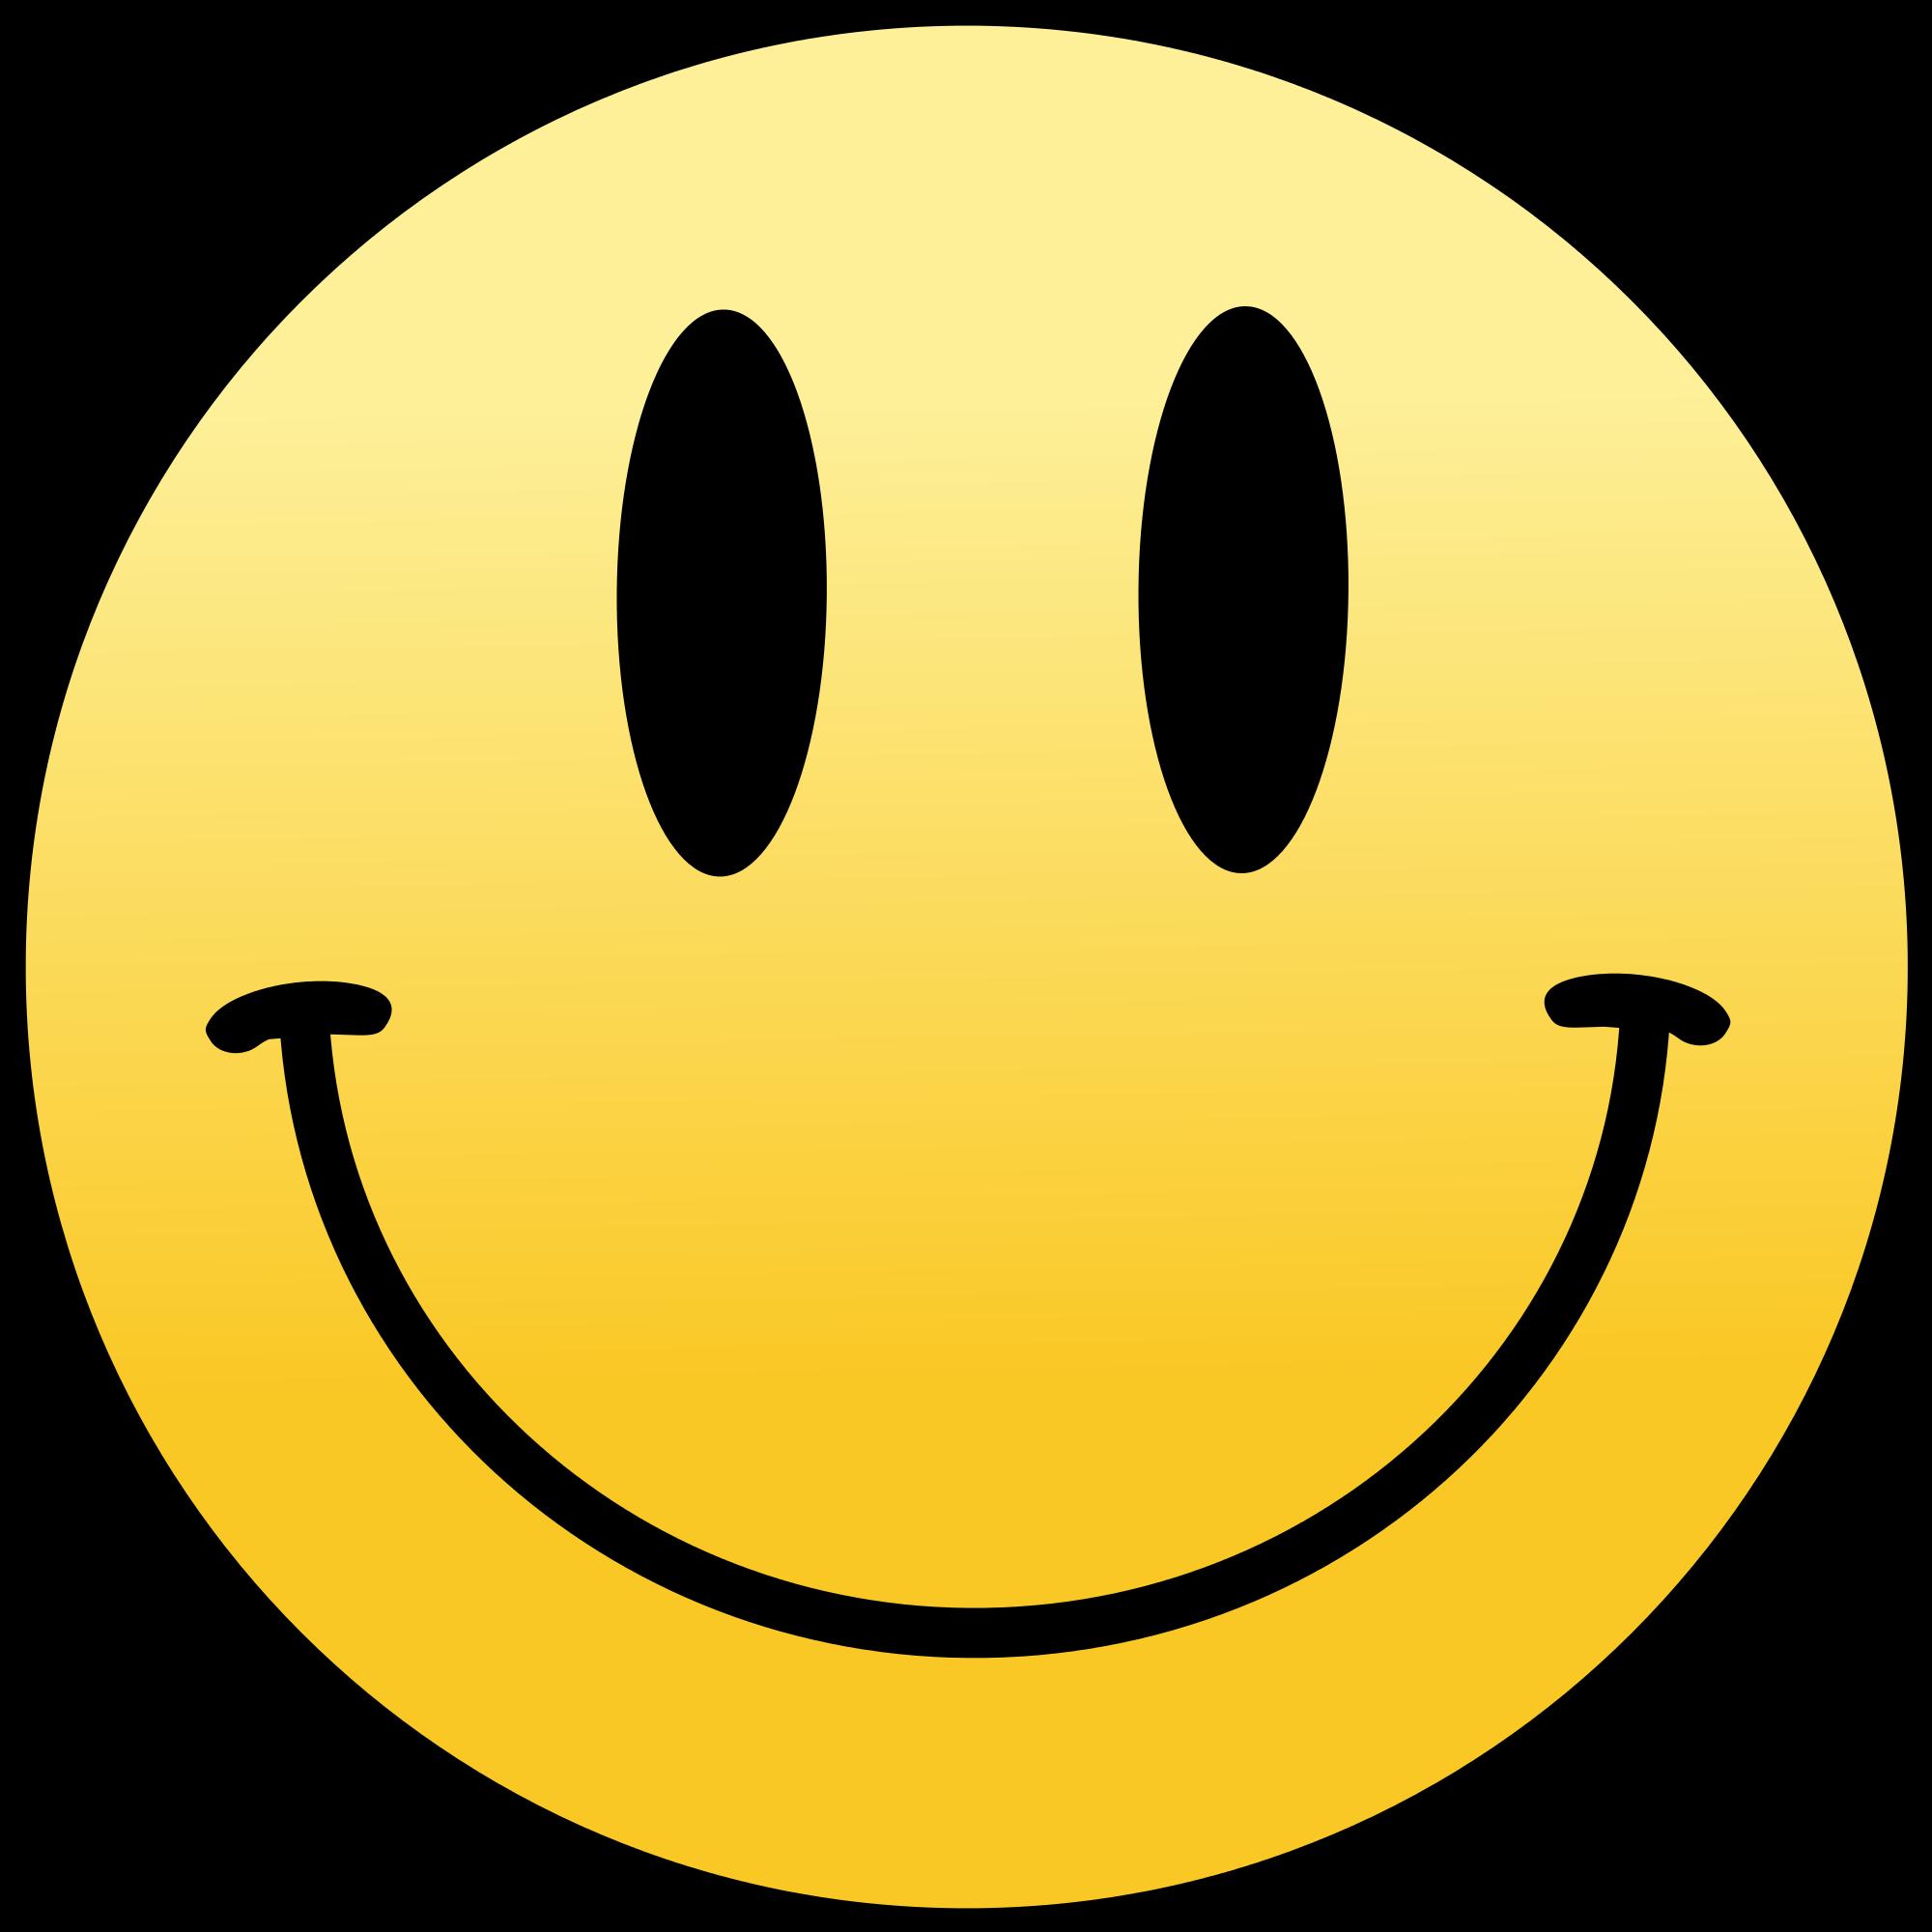 Smiley Looking Happy